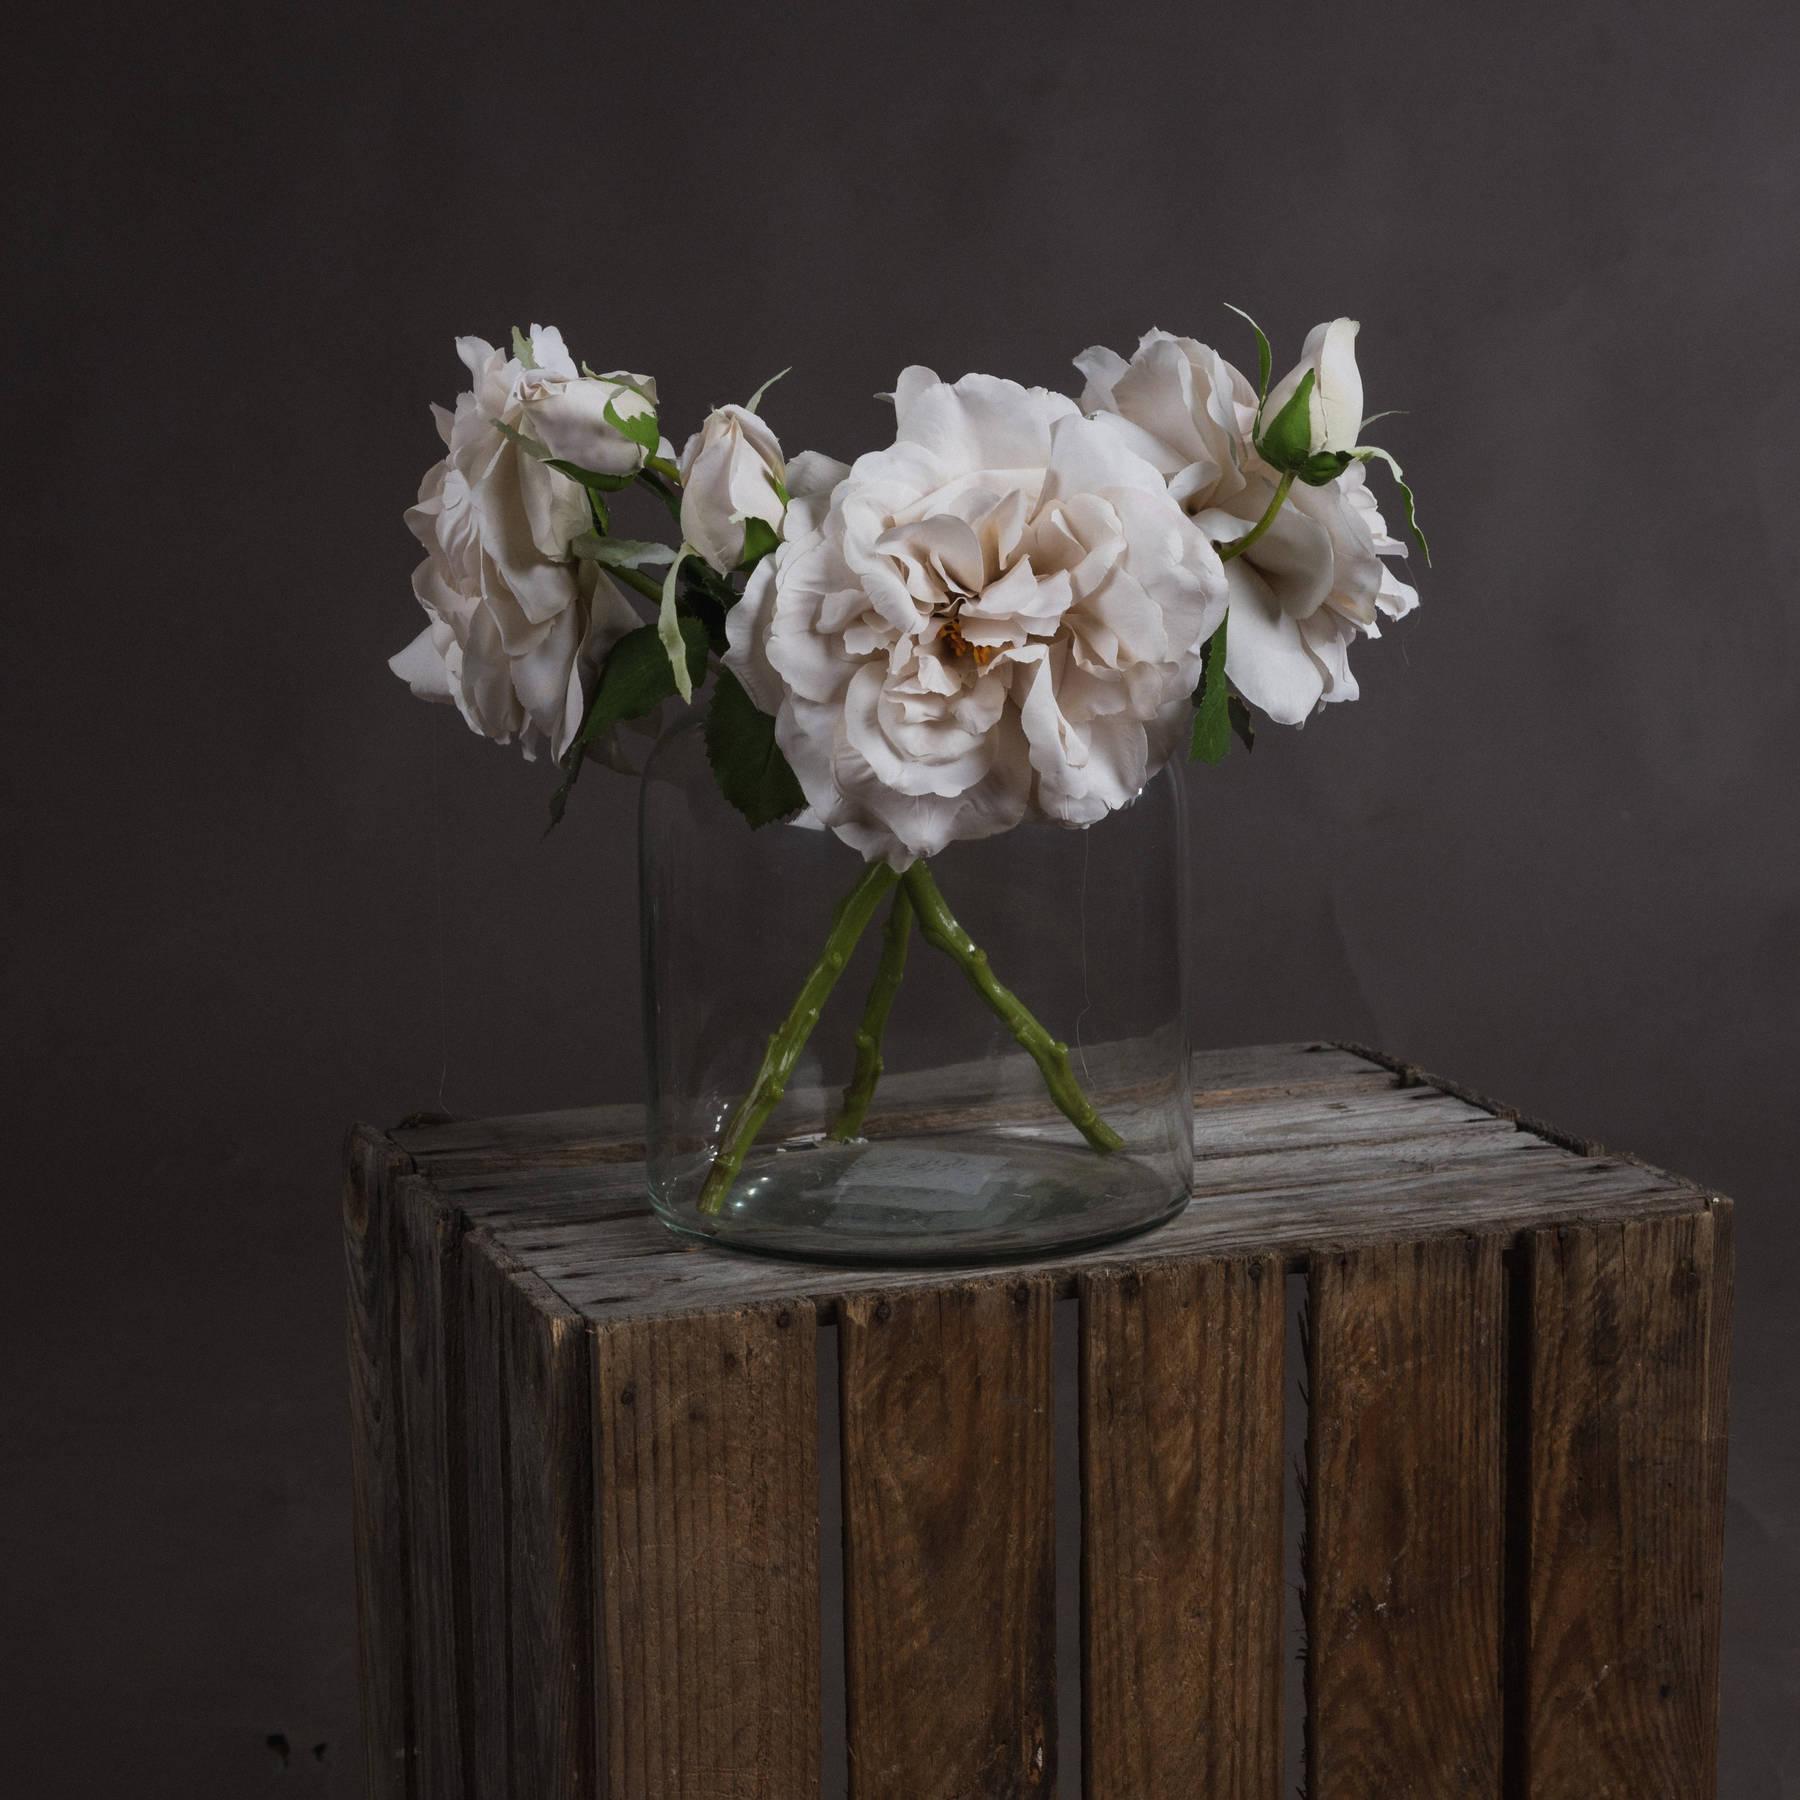 White Short Stem Rose - Image 1